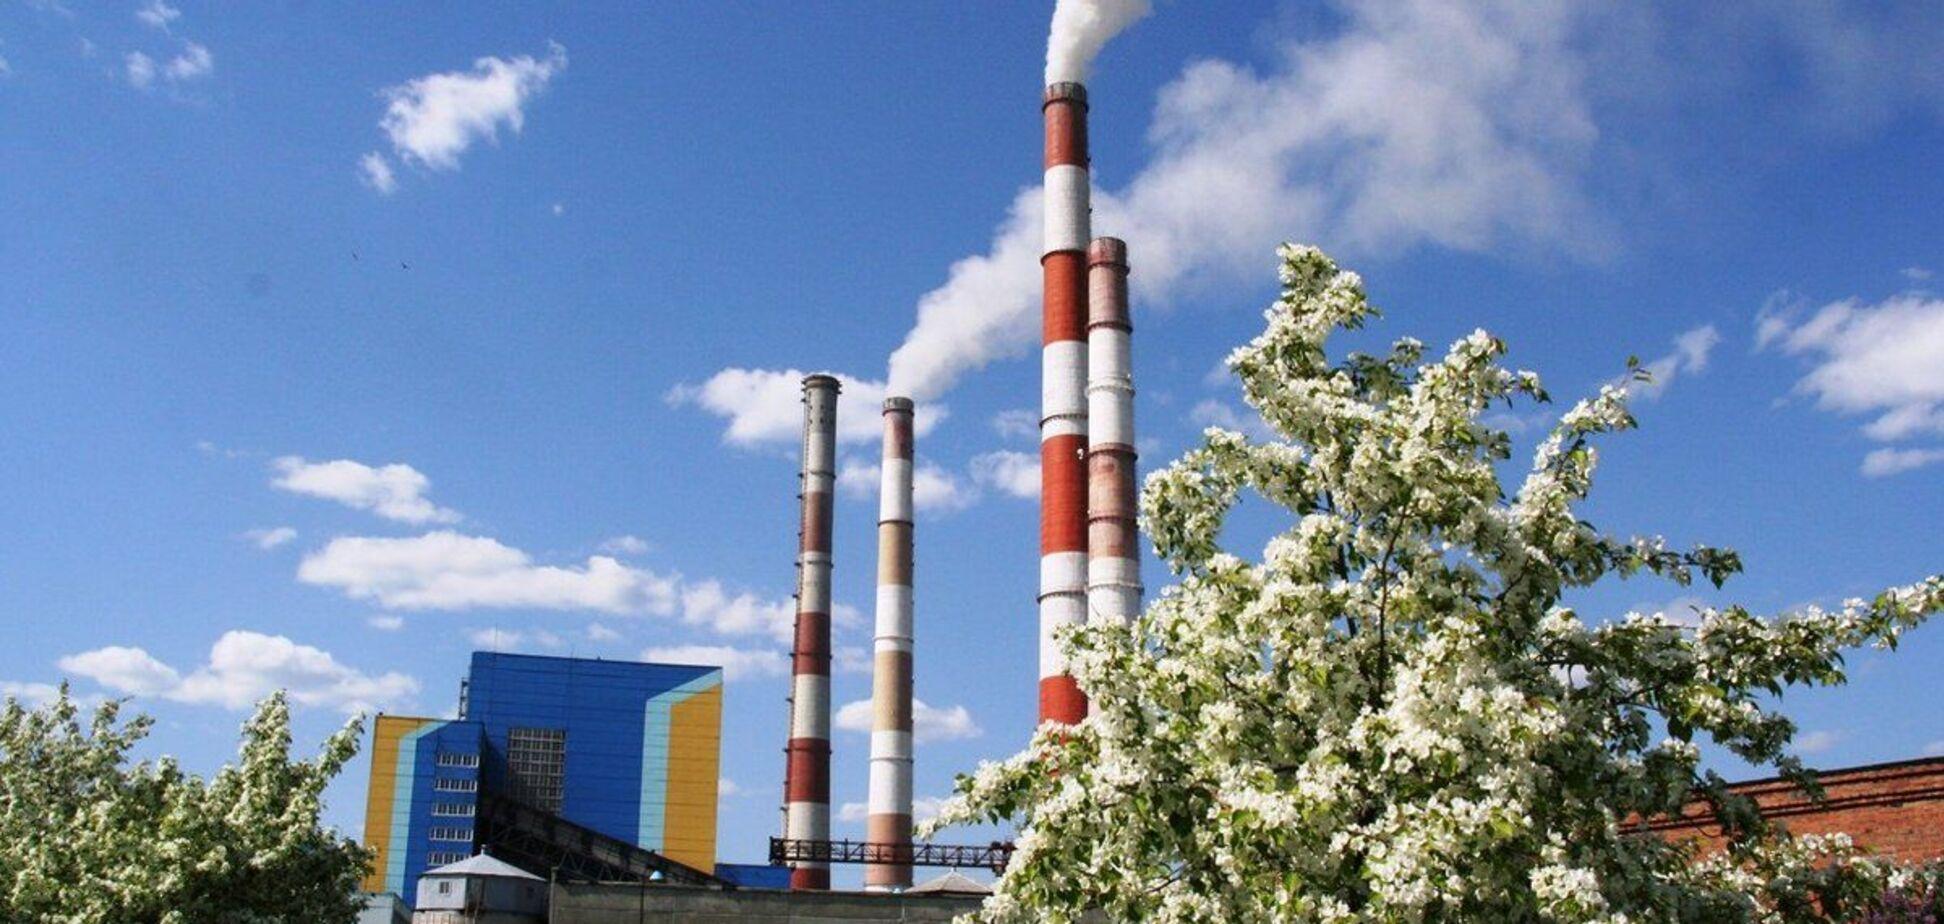 Великі підприємства працюють над зменшенням негативного впливу на навколишнє середовище